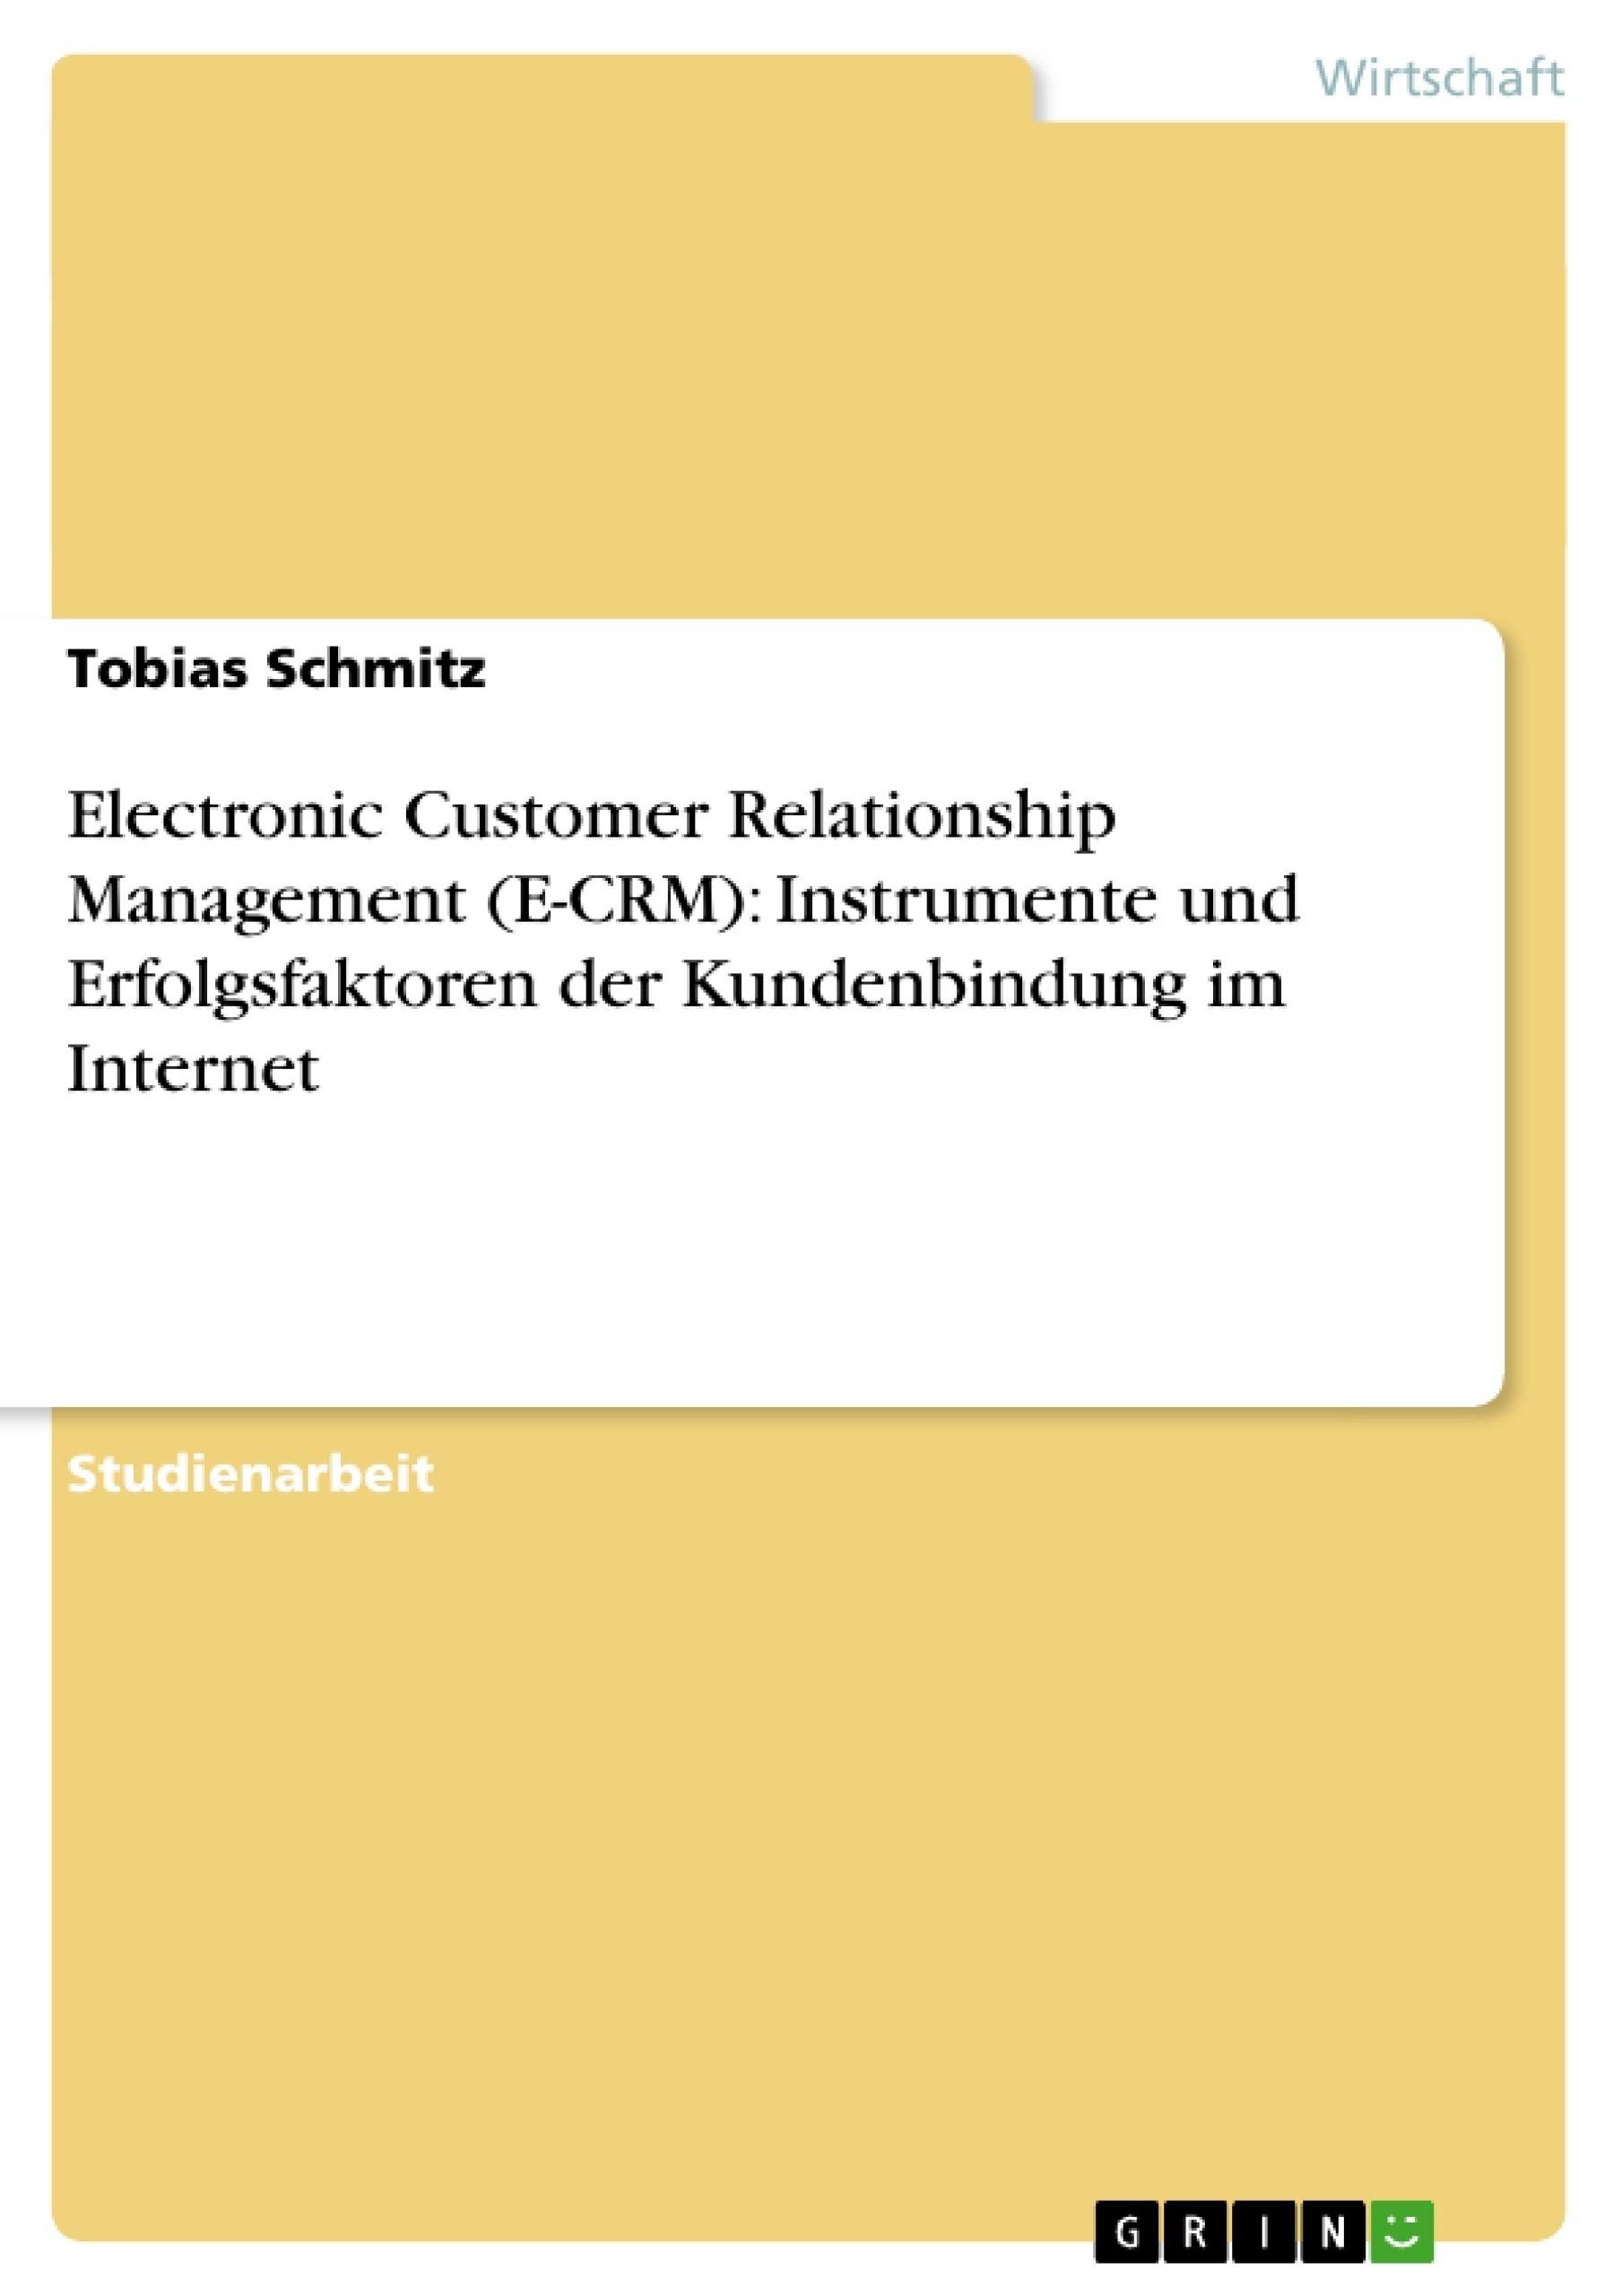 Titel: Electronic Customer Relationship Management (E-CRM): Instrumente und Erfolgsfaktoren der Kundenbindung im Internet